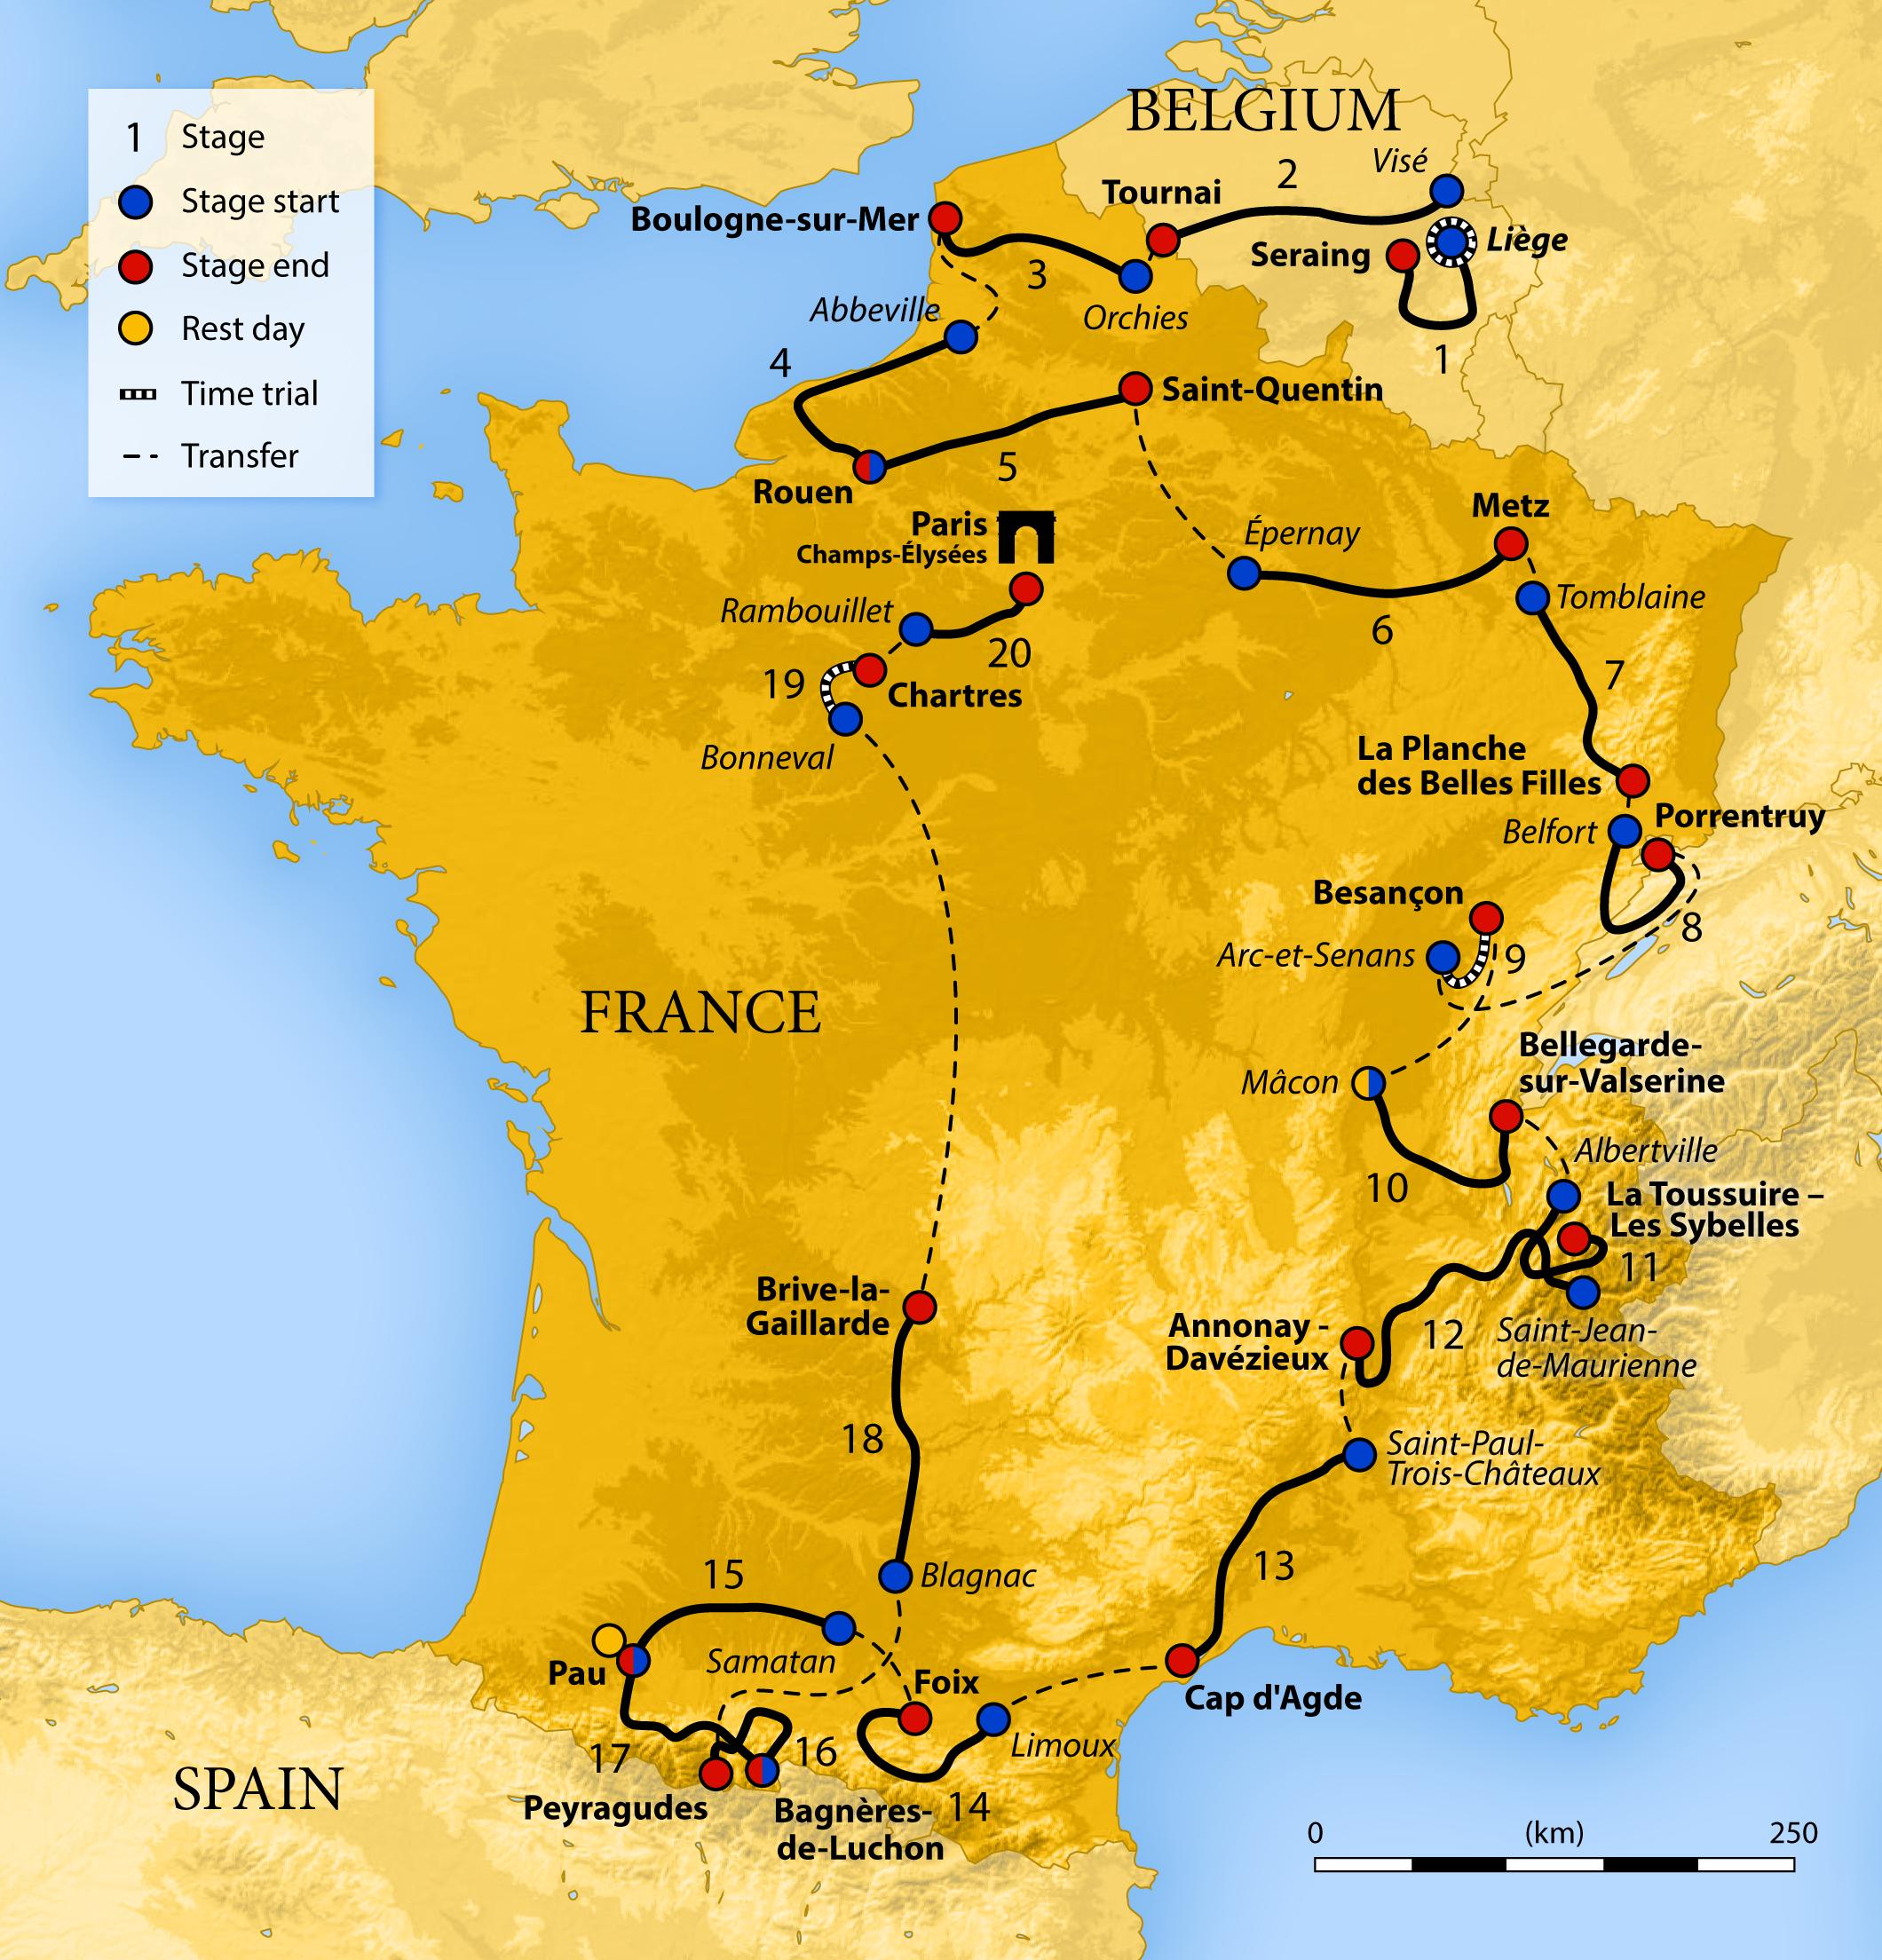 Stages Of Tour De France